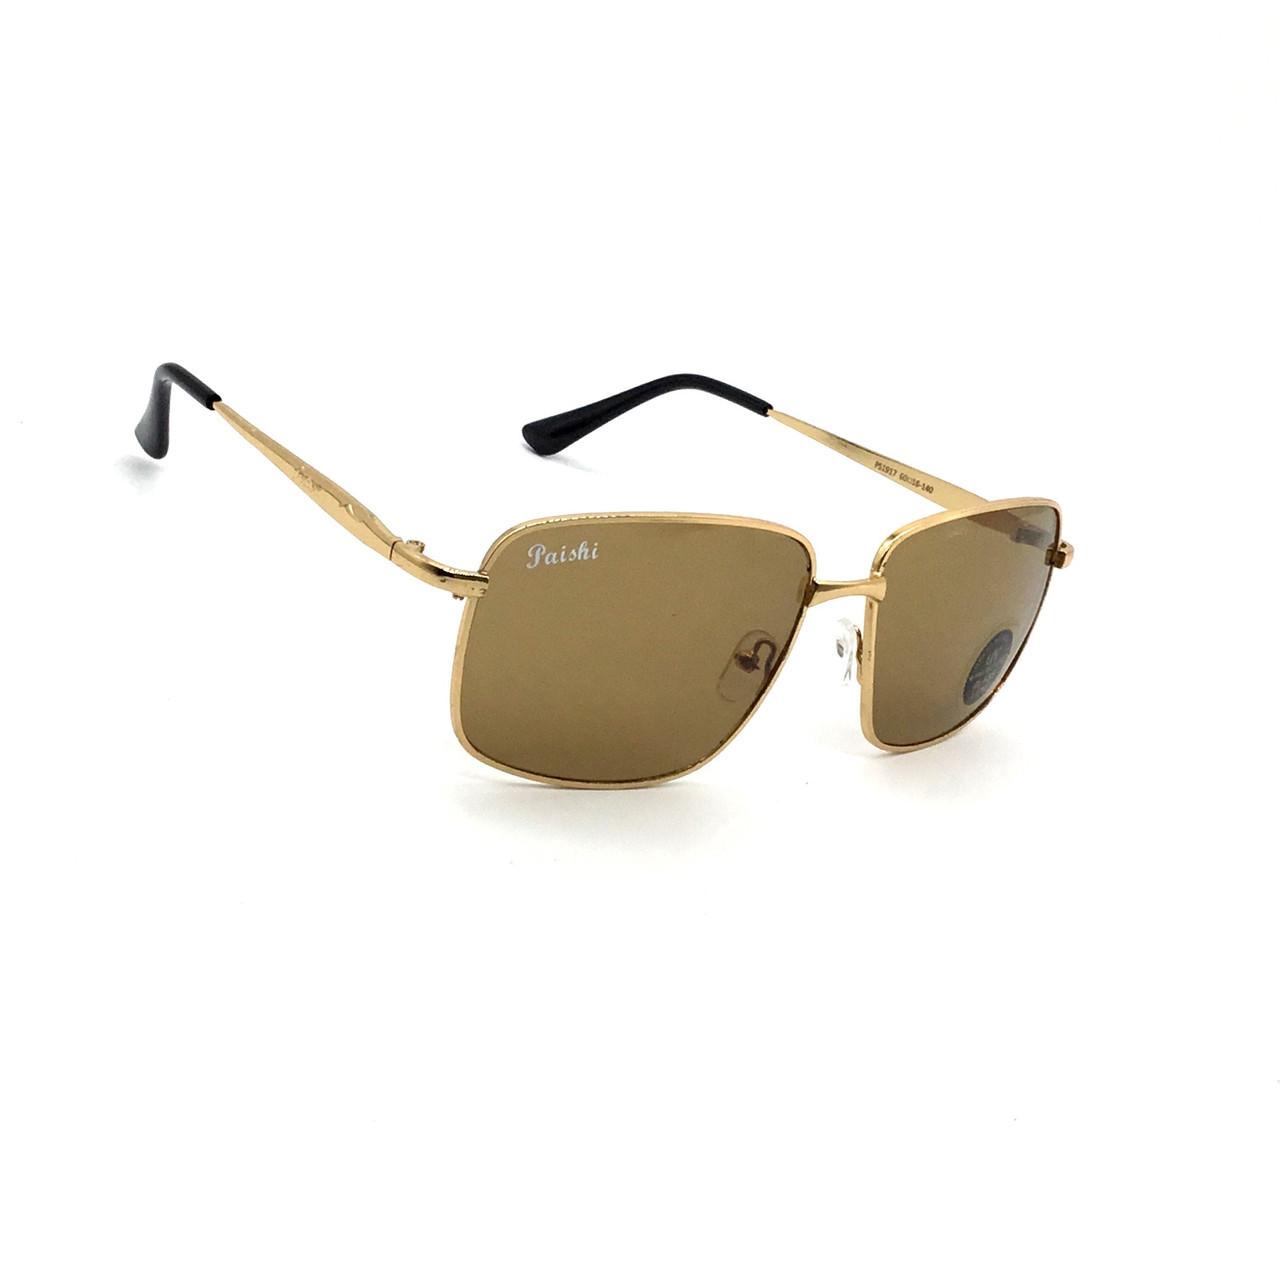 Cолнцезащитные очки со стеклом